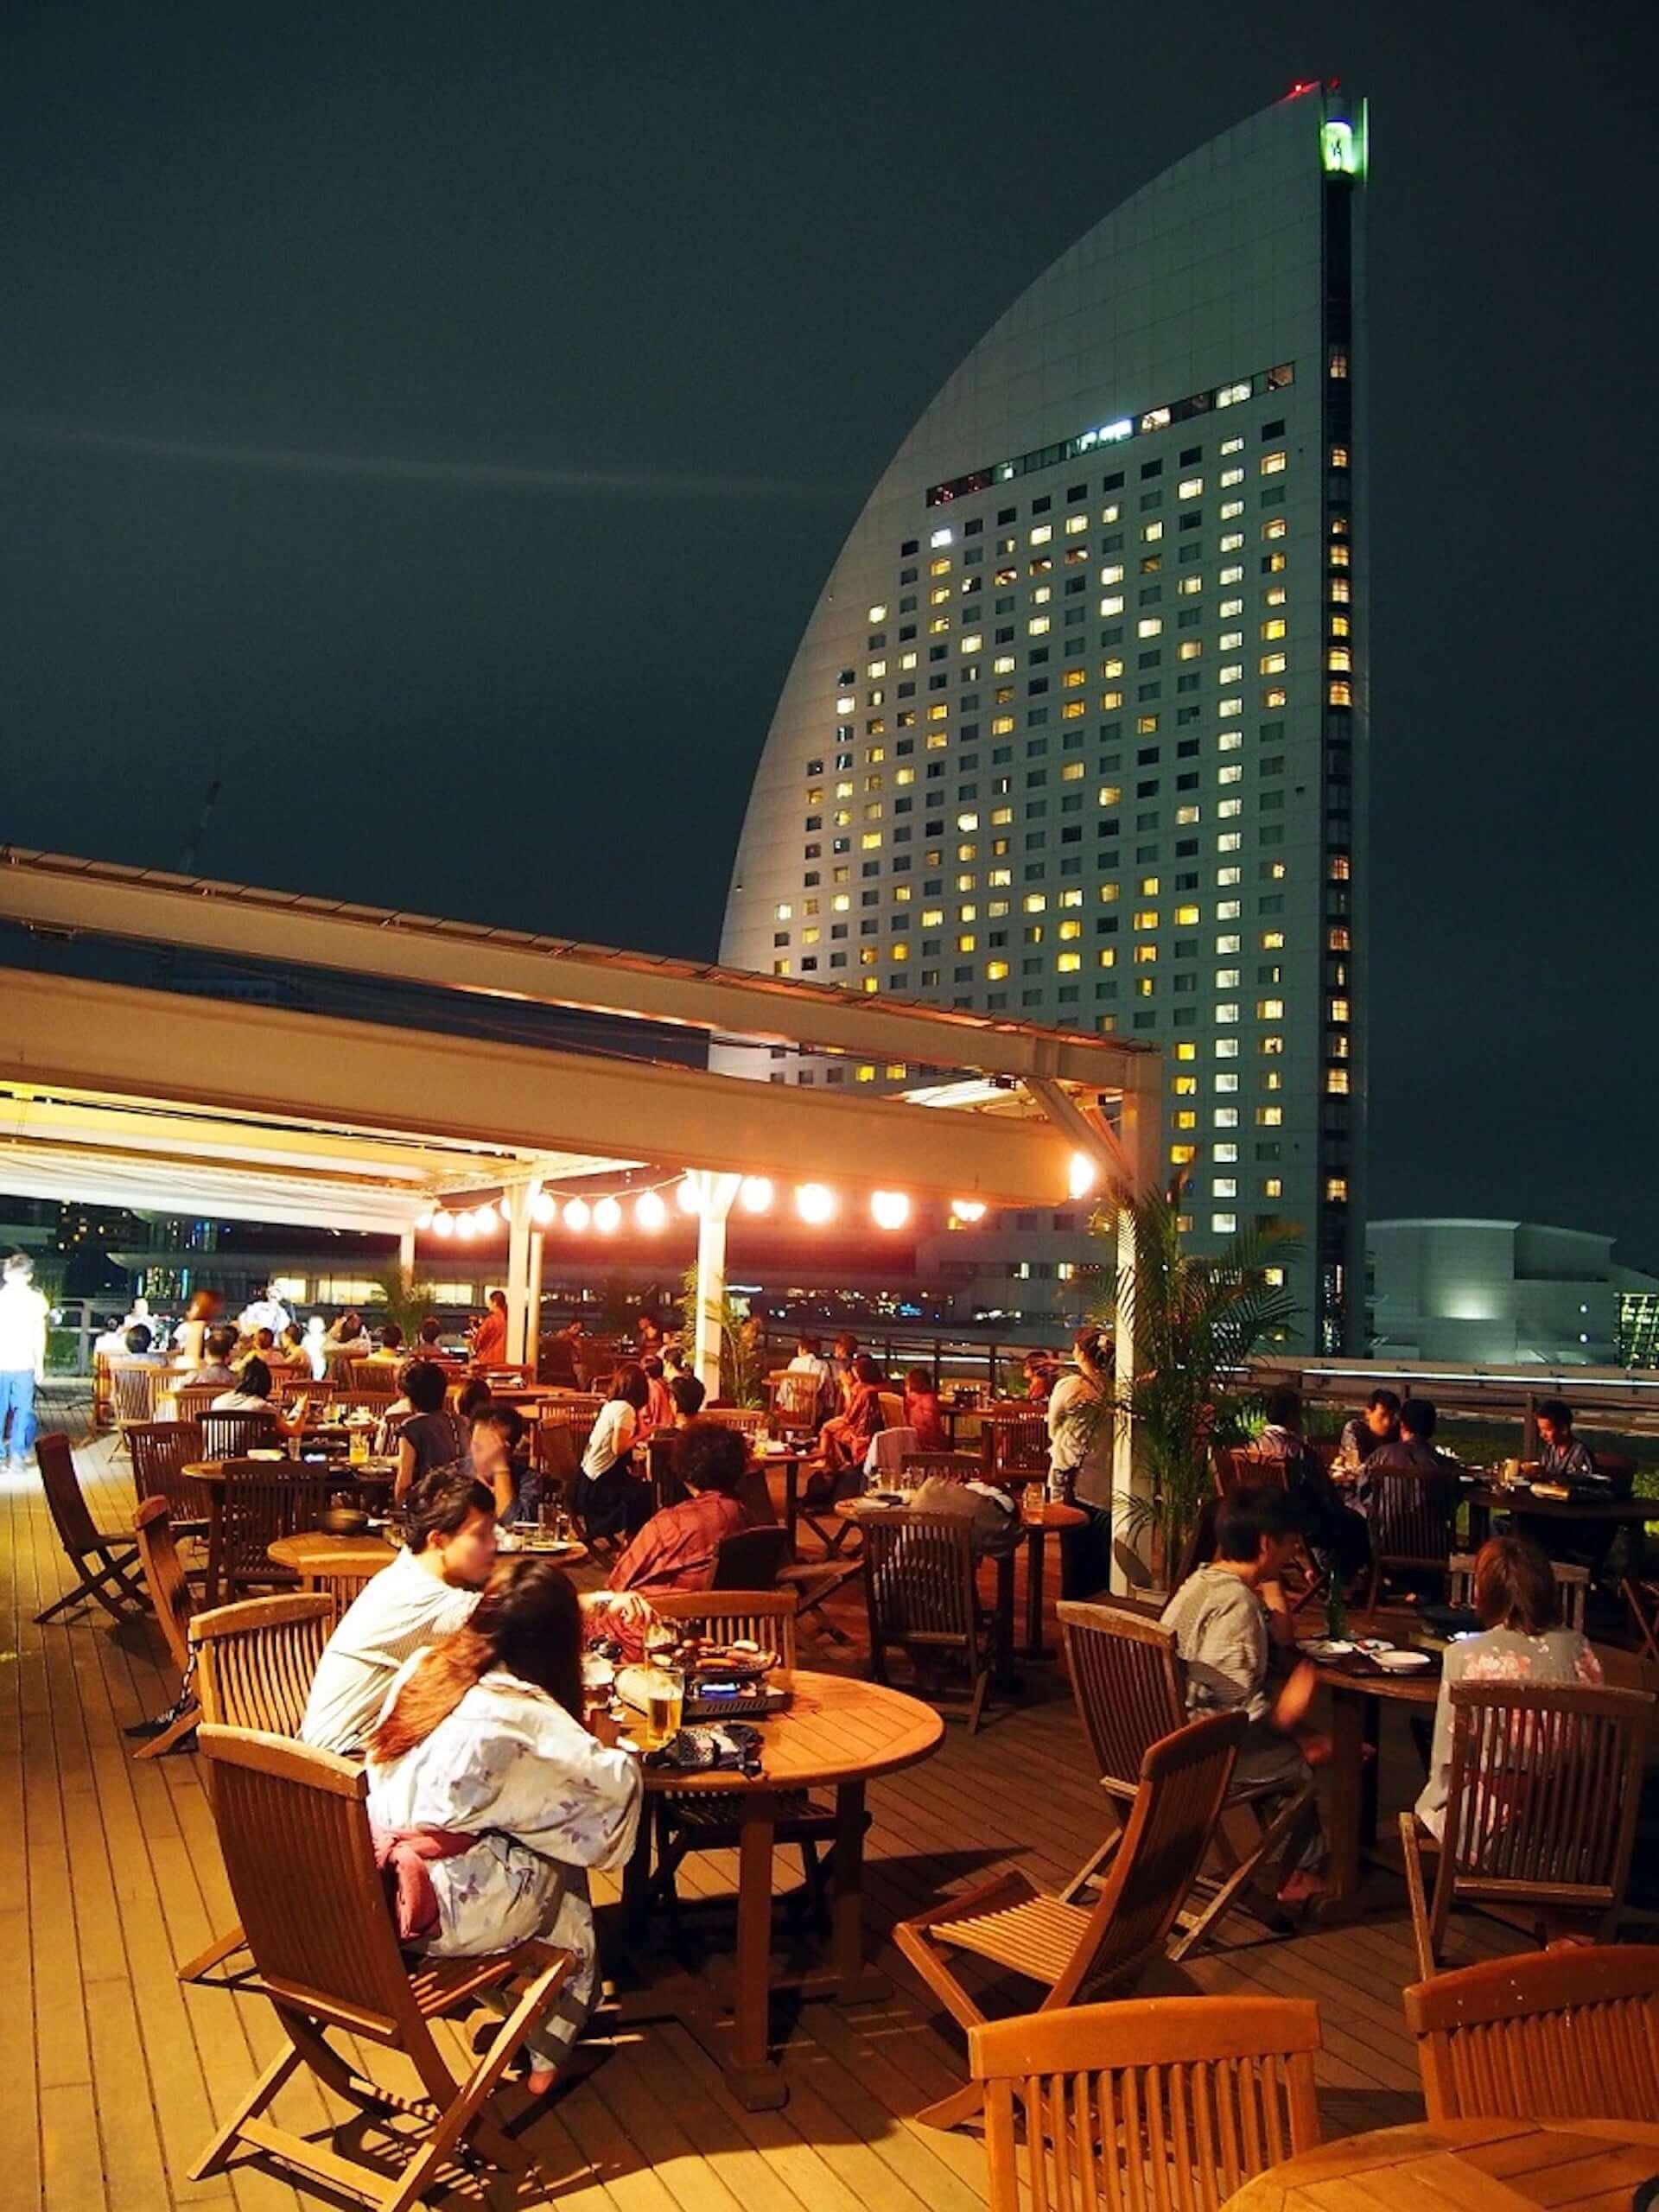 ビアガーデンと温泉を一緒に楽しもう!横浜港を臨むBBQビアガーデンが現在開催中! lifefashion190725beergarden_3-1920x2560